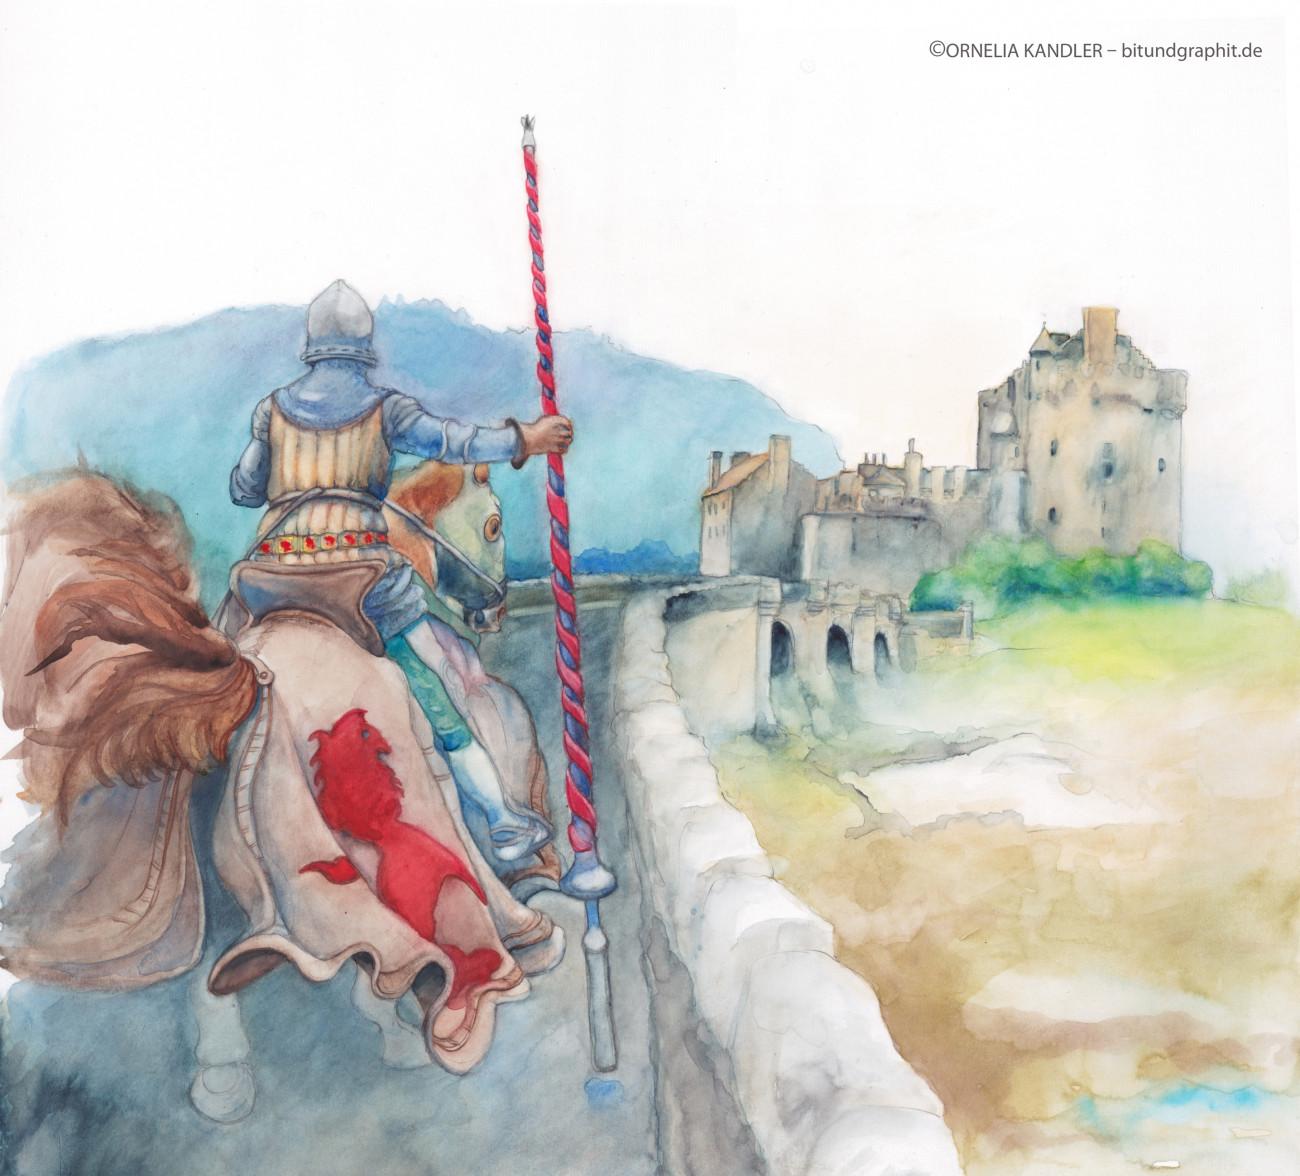 Cornelia Kandler – bitundgraphit.de, Illustrationen mit Bleistiftzeichnungen und Aquarellen Cornelia Kandler